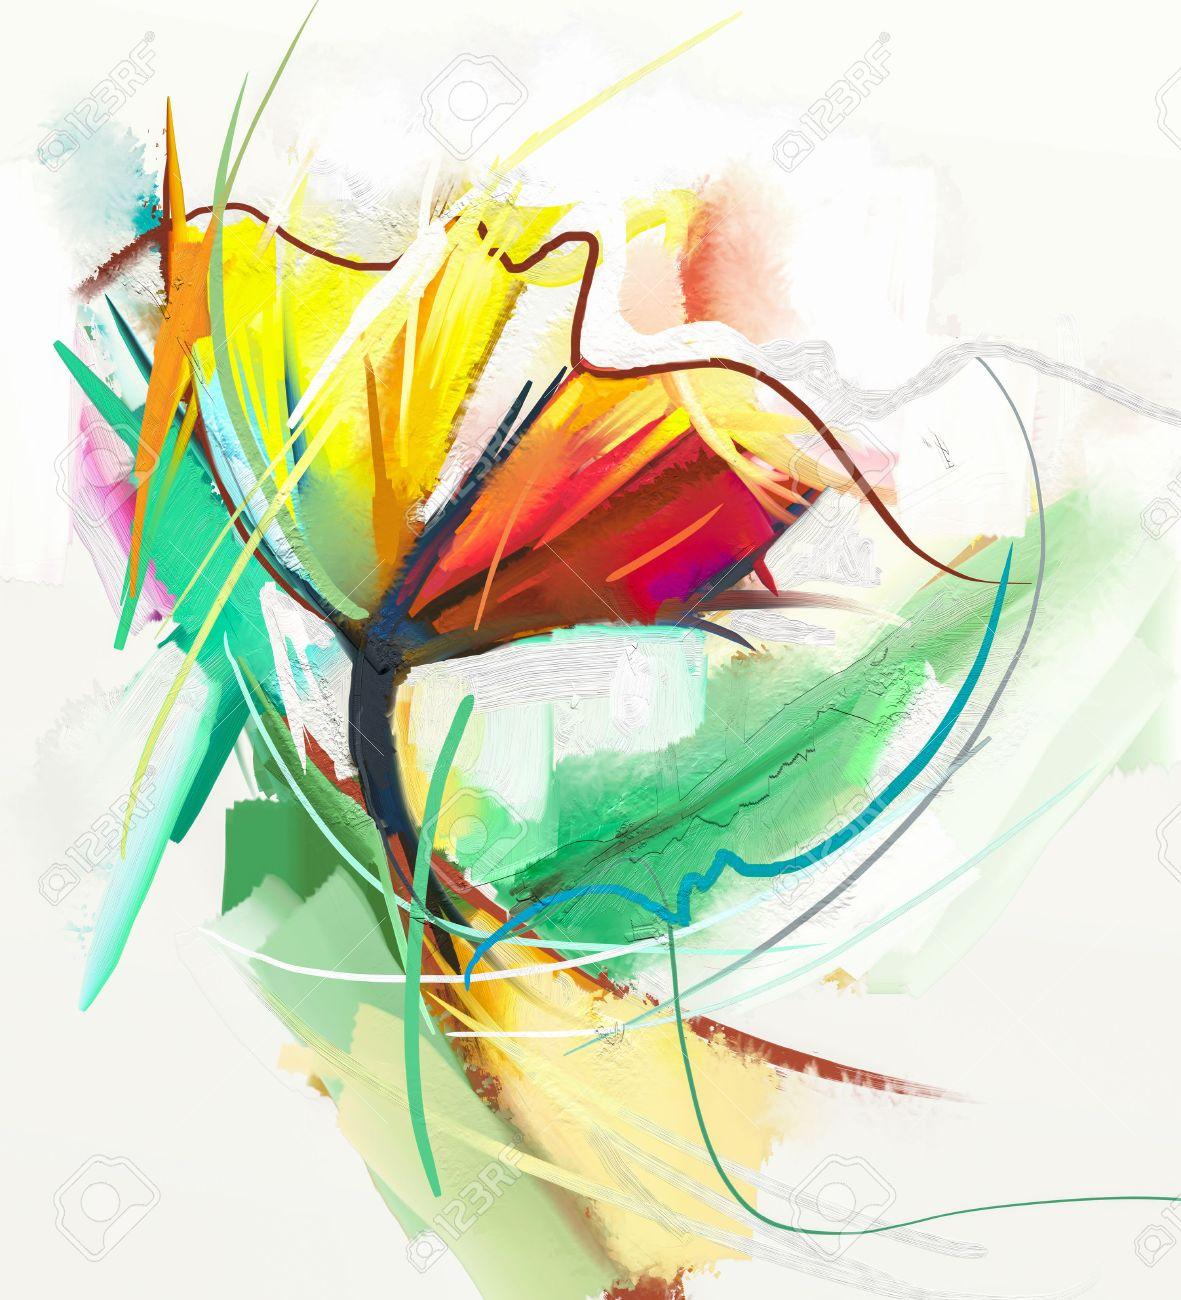 Abstraktes Olgemalde Von Fruhlingsblumen Stillleben Von Gelben Und Roten Farbe Flowe Abstrakte Moderne Impressionisten Blumen Kunst Malerei Blumen Dekorative Malerei Lizenzfreie Fotos Bilder Und Stock Fotografie Image 46034723